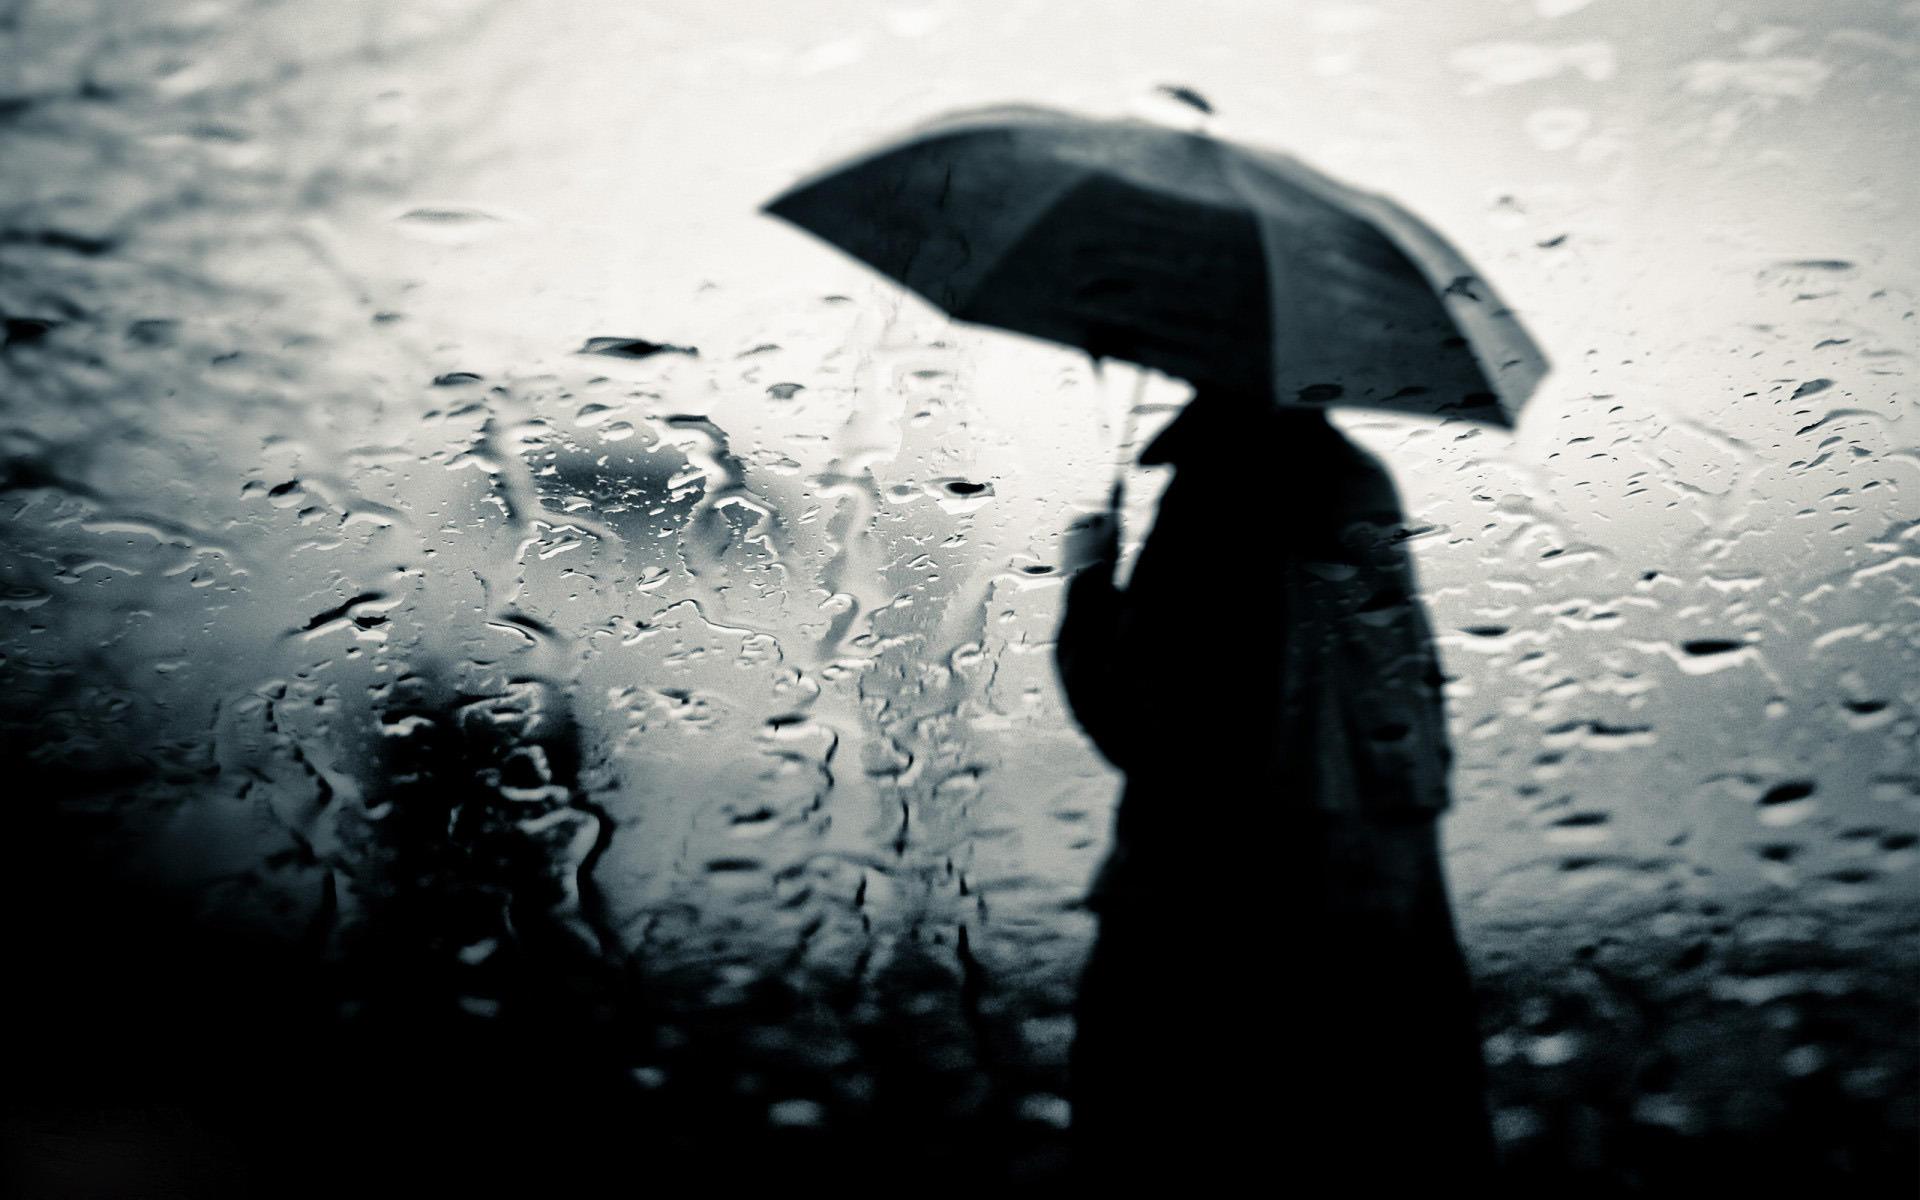 его картинка грустит погода мне говорил